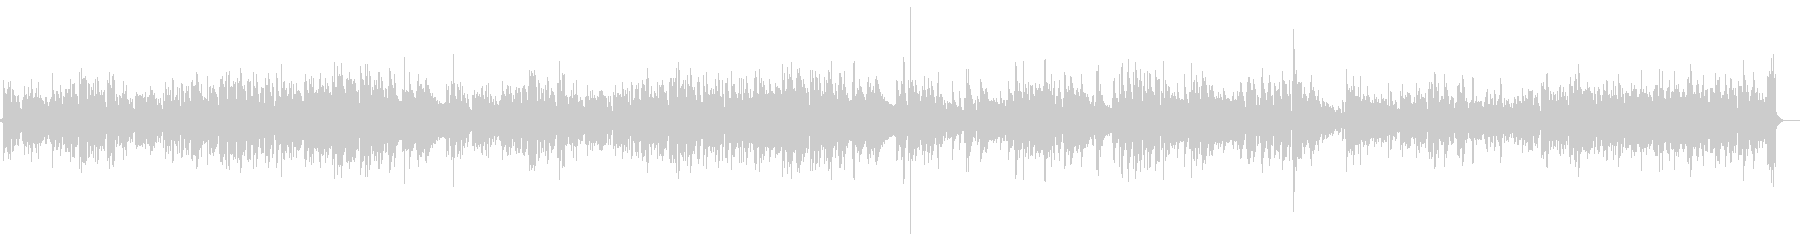 マイナー調のアコギインストの未再生の波形